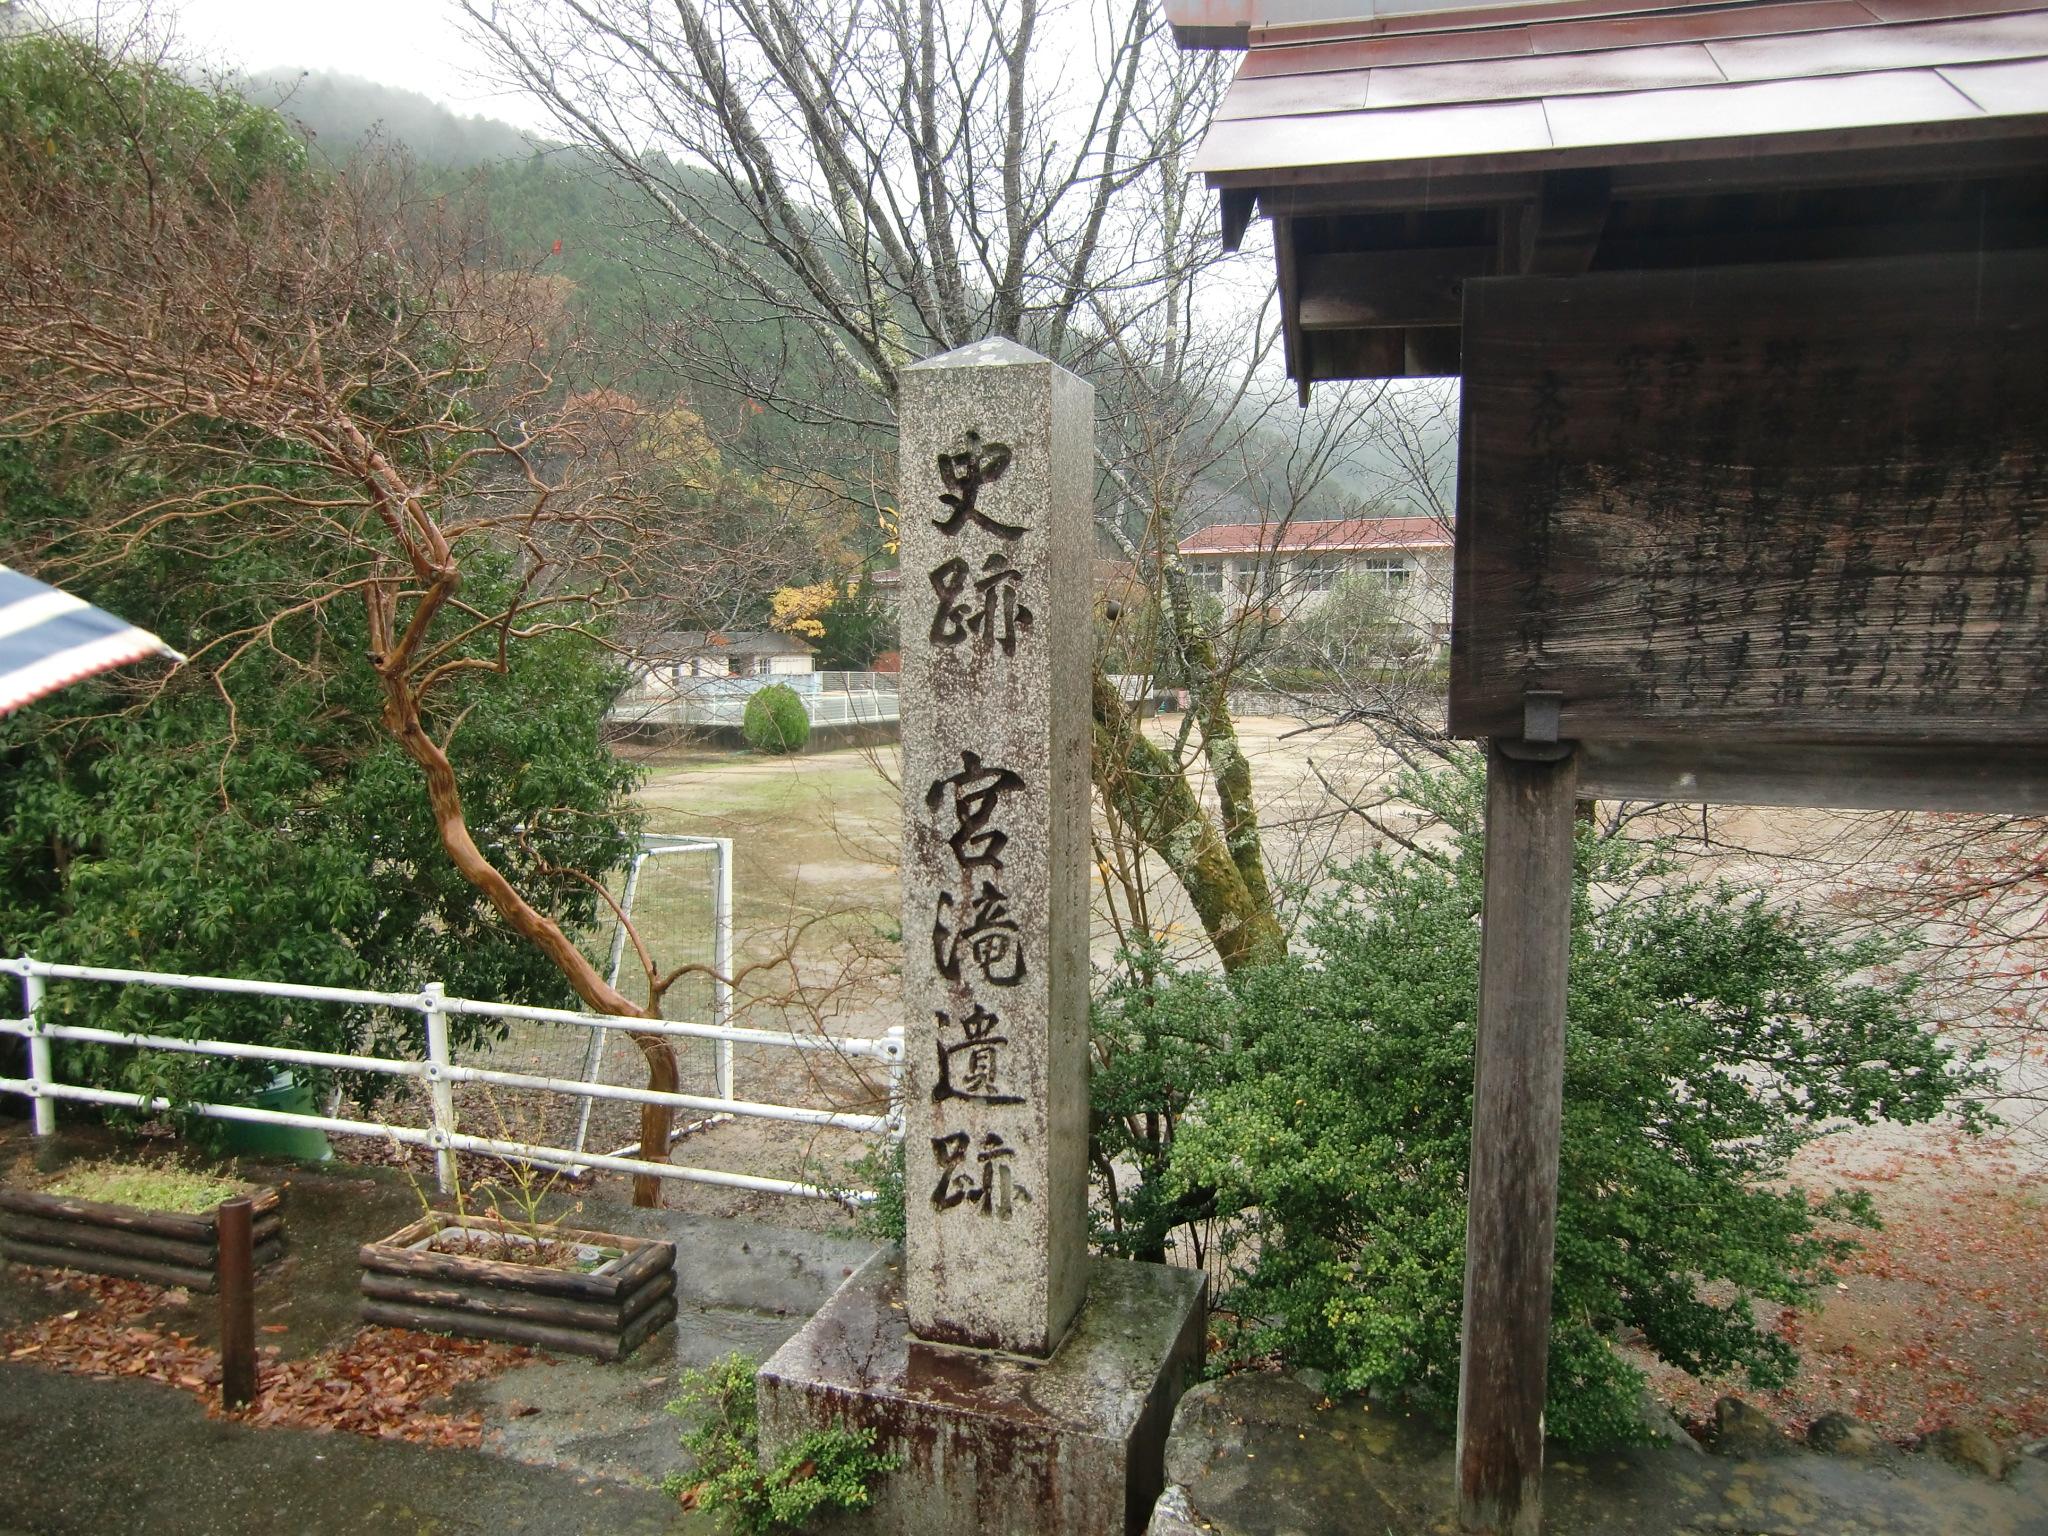 第60回山歩きの会「吉野宮滝 万葉の旅」